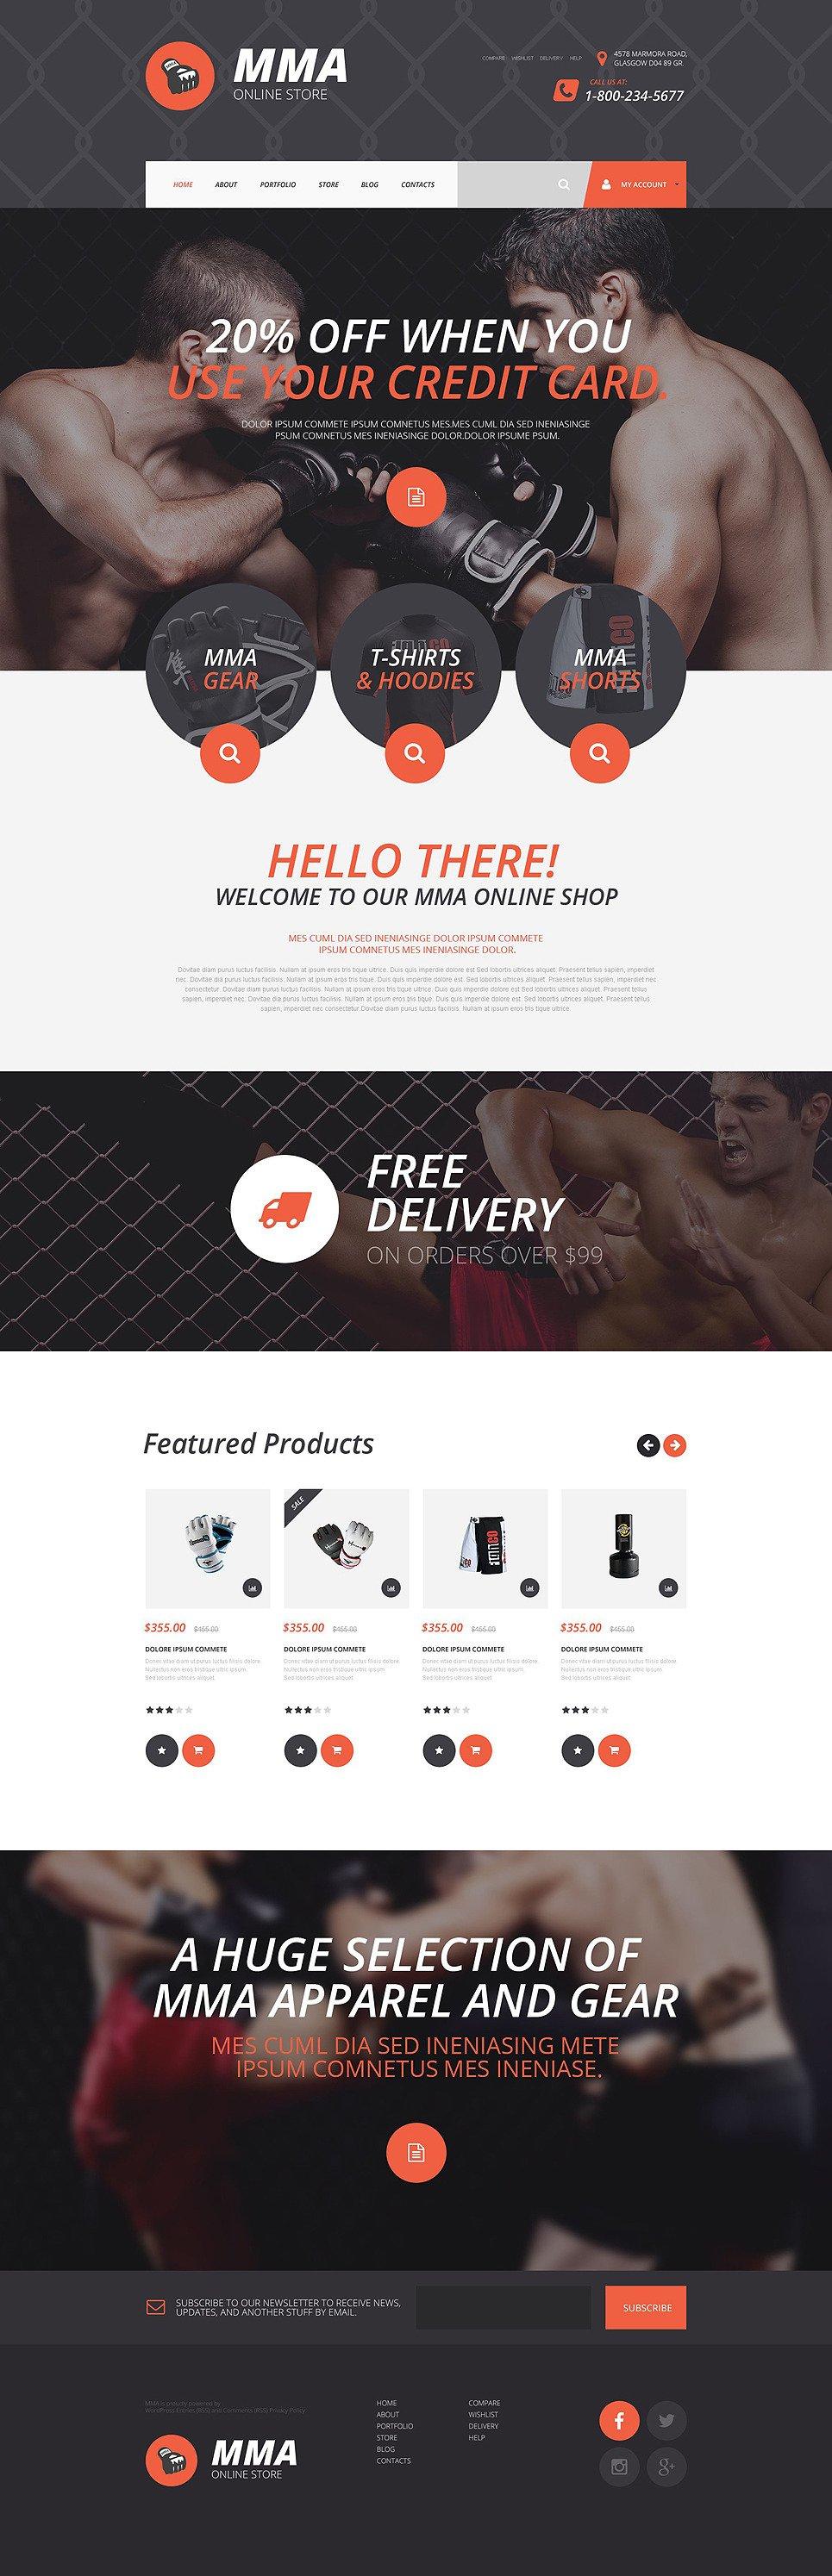 MMA Online Store WooCommerce Theme New Screenshots BIG